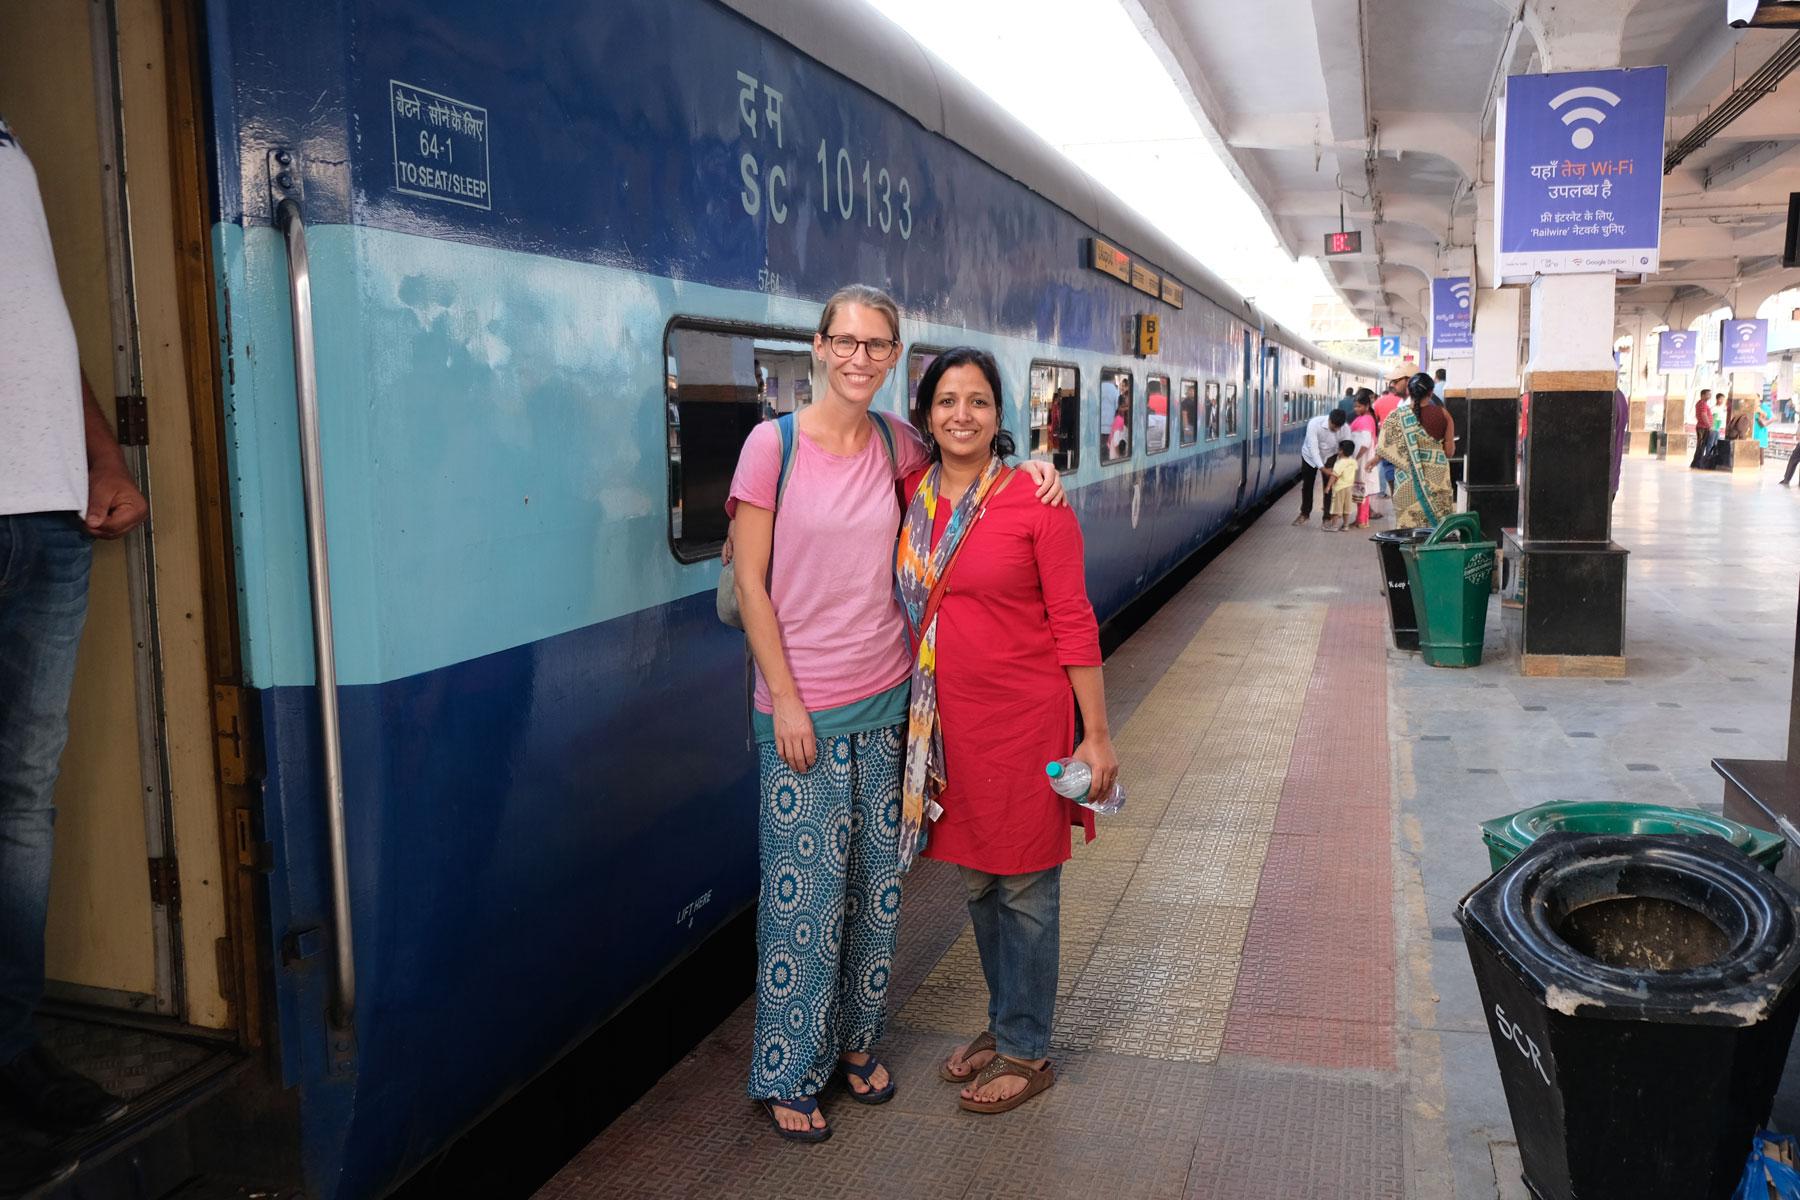 Leo steht mit einer Frau neben einem Zug im Bahnhof von Hyderabad.